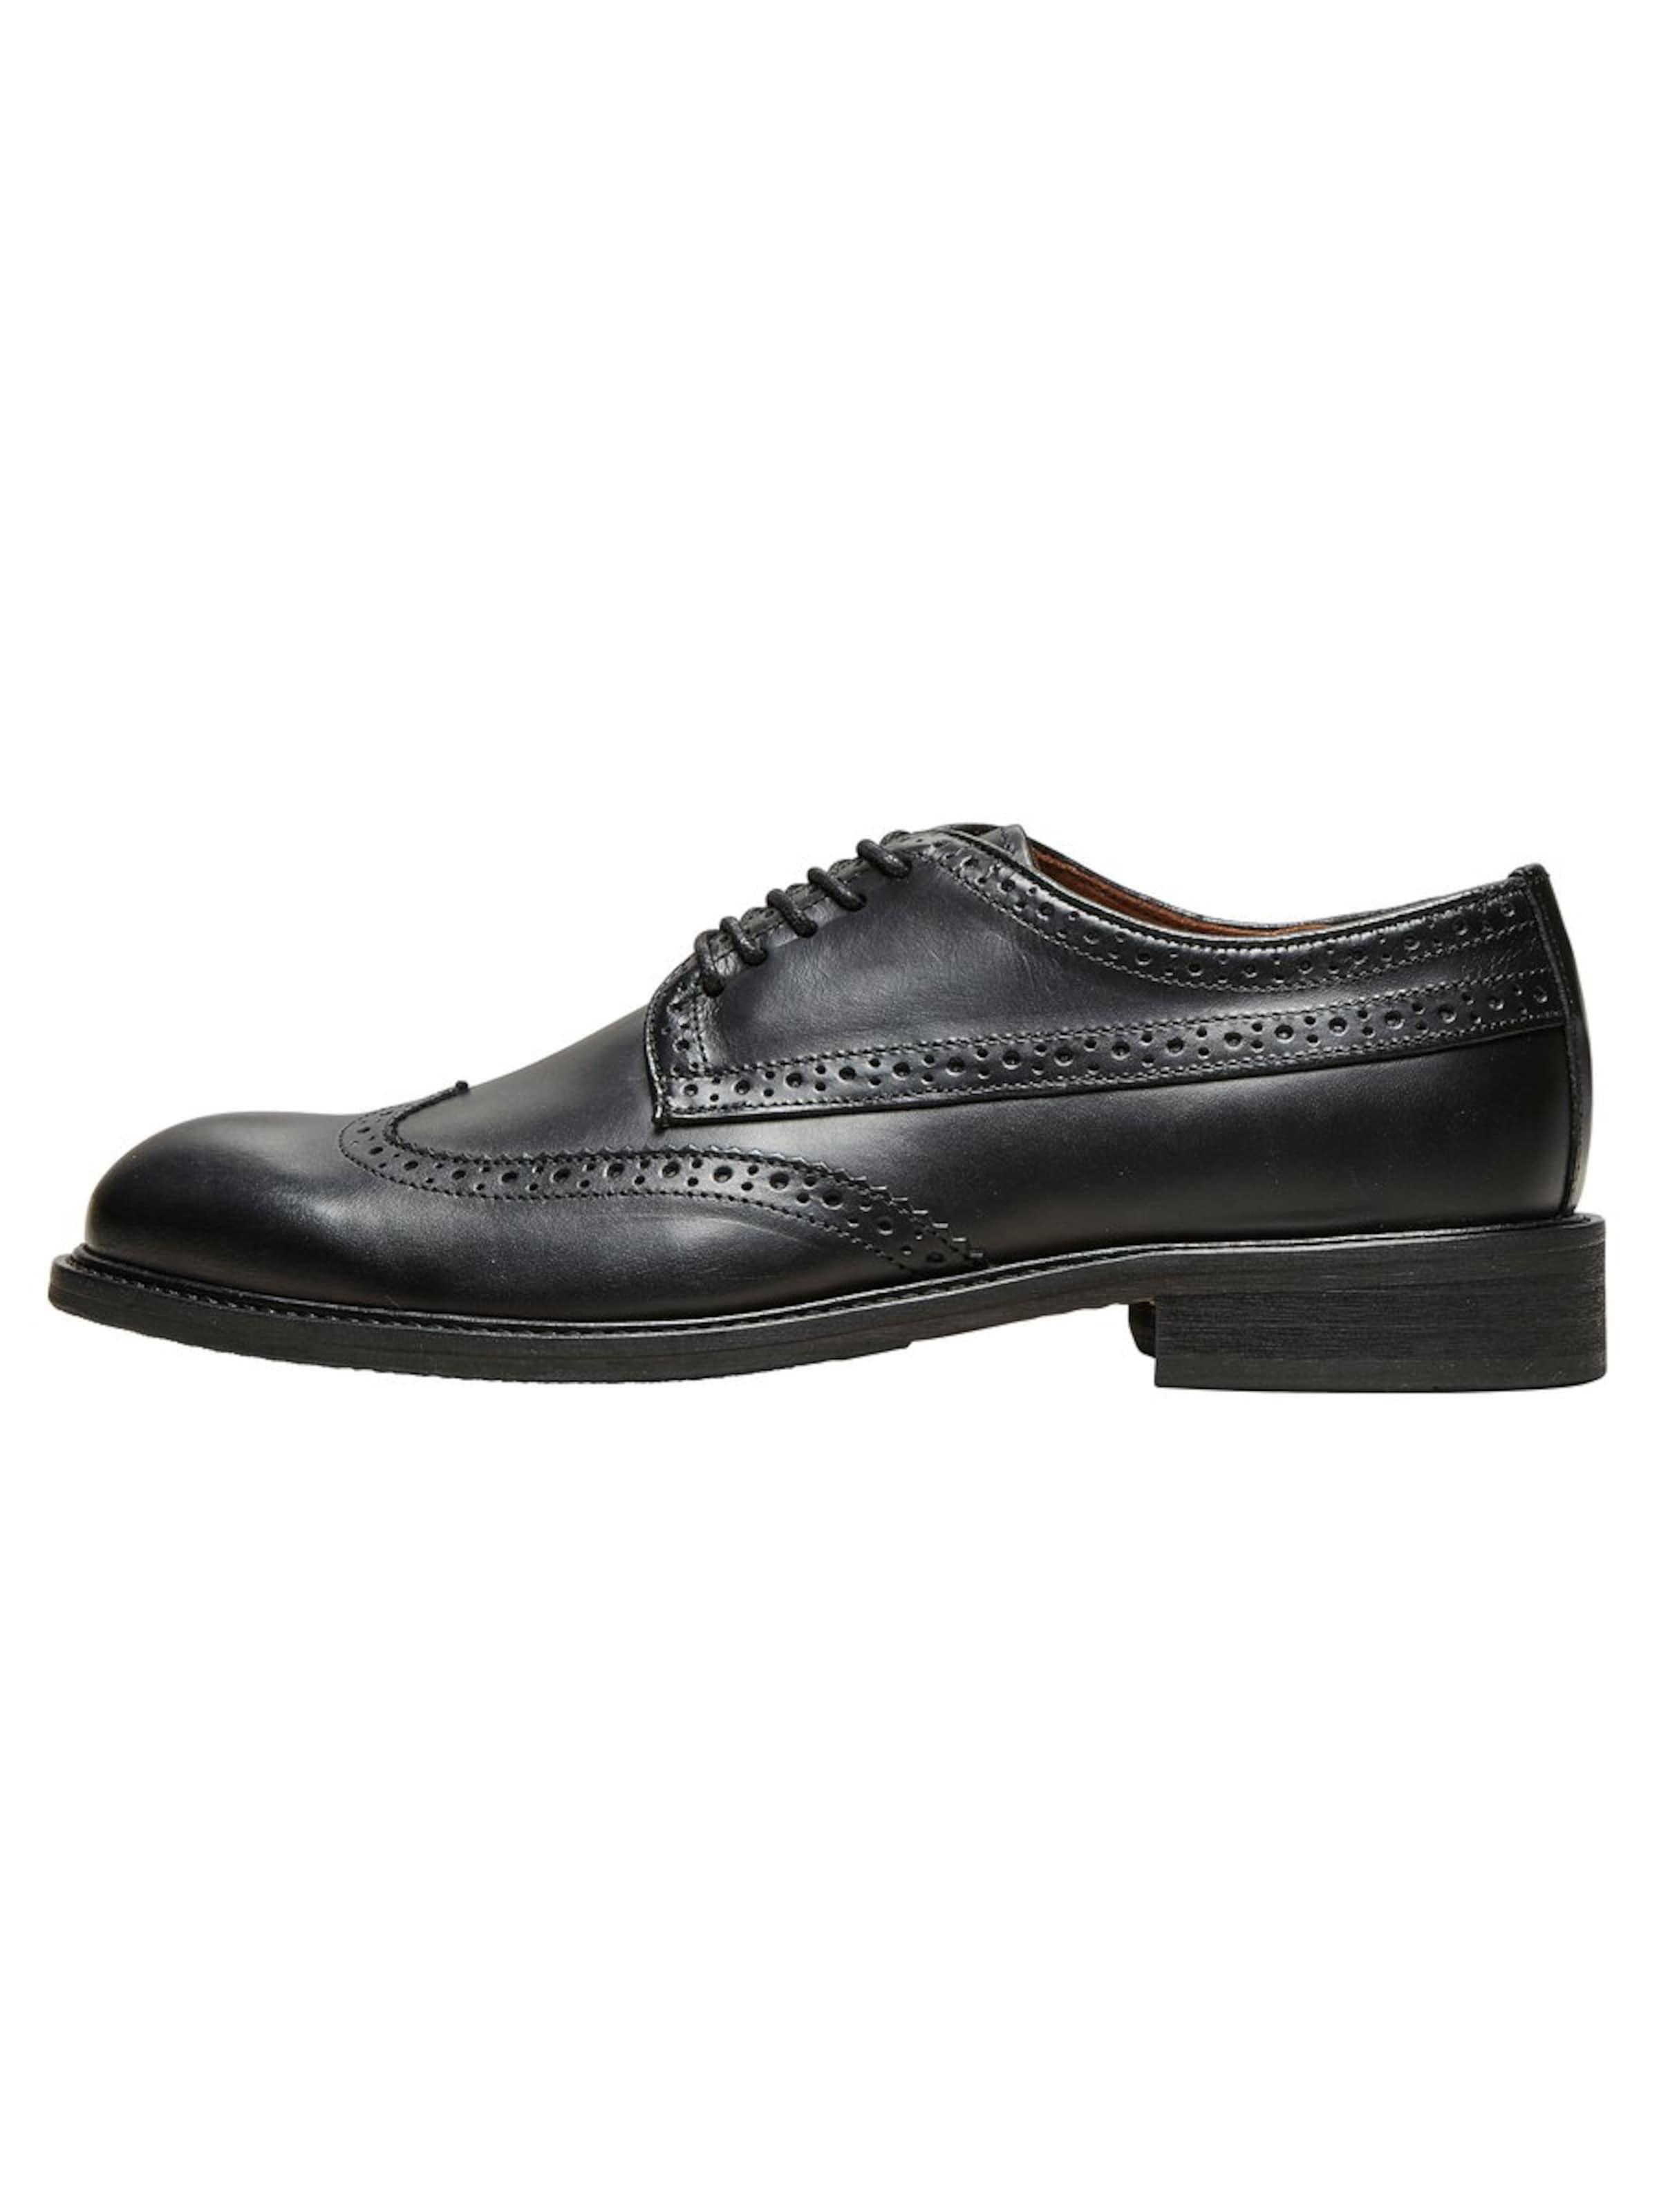 SELECTED HOMME Schuhe Leder Leder Leder Großer Rabatt 84ac2a